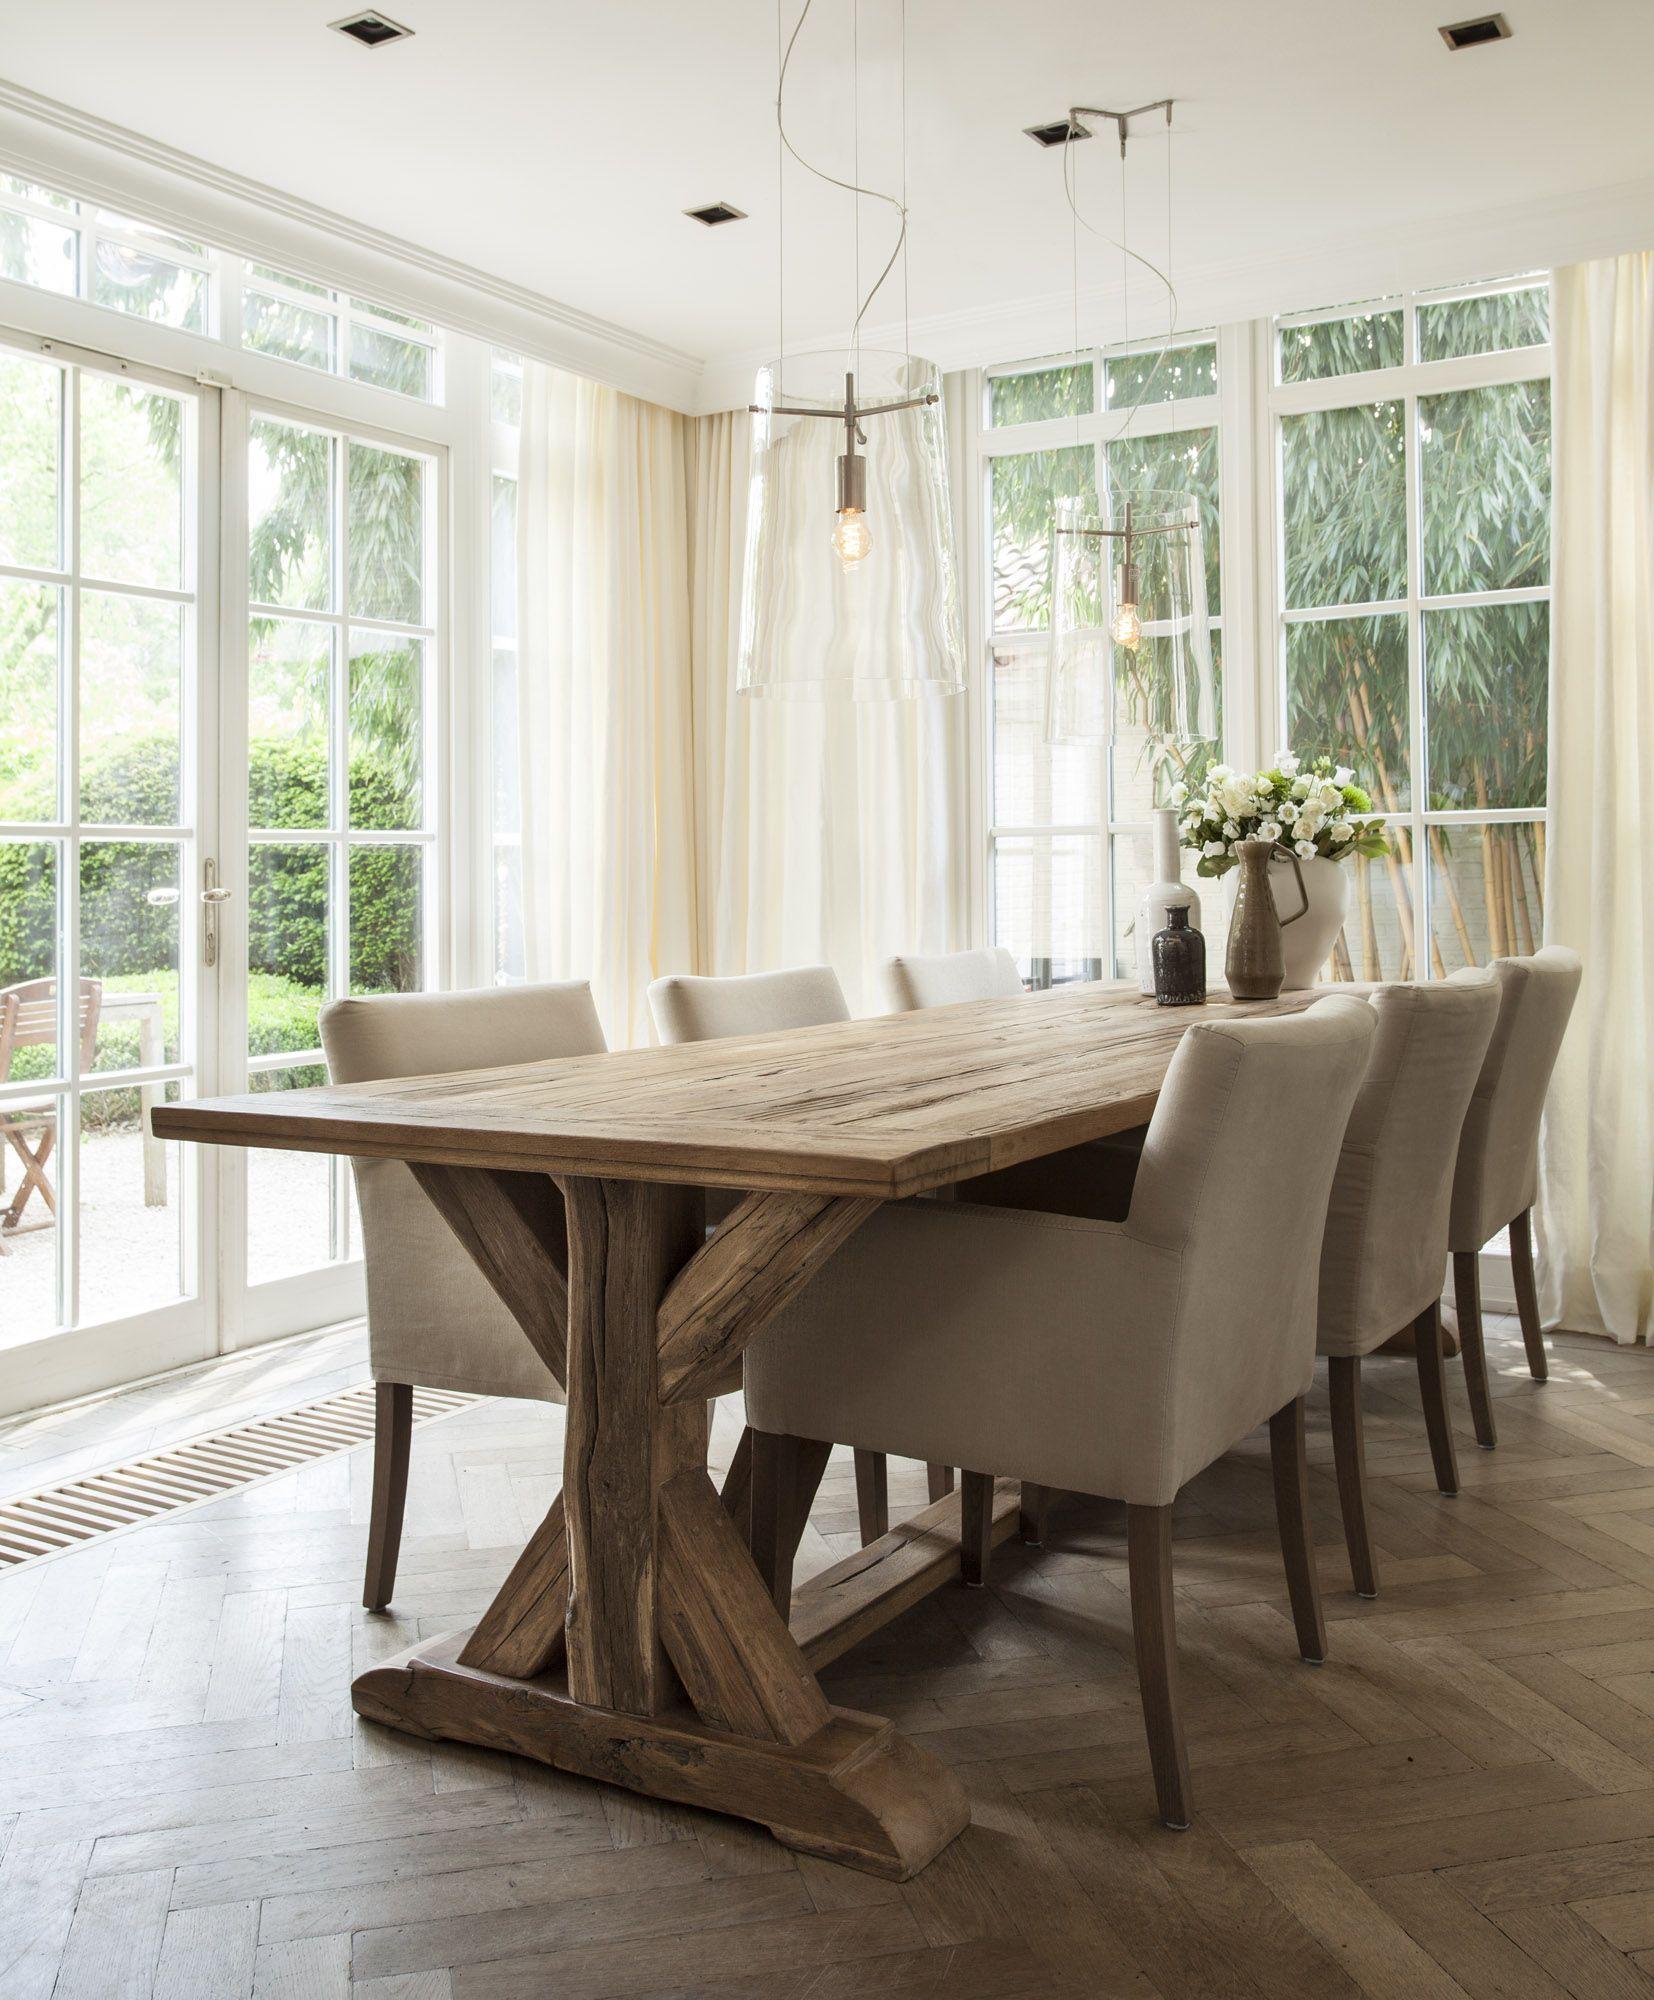 De robuuste houten tafel geeft het interieur een stoere uitstraling nano interieur - Interieur eigentijds houten huis ...